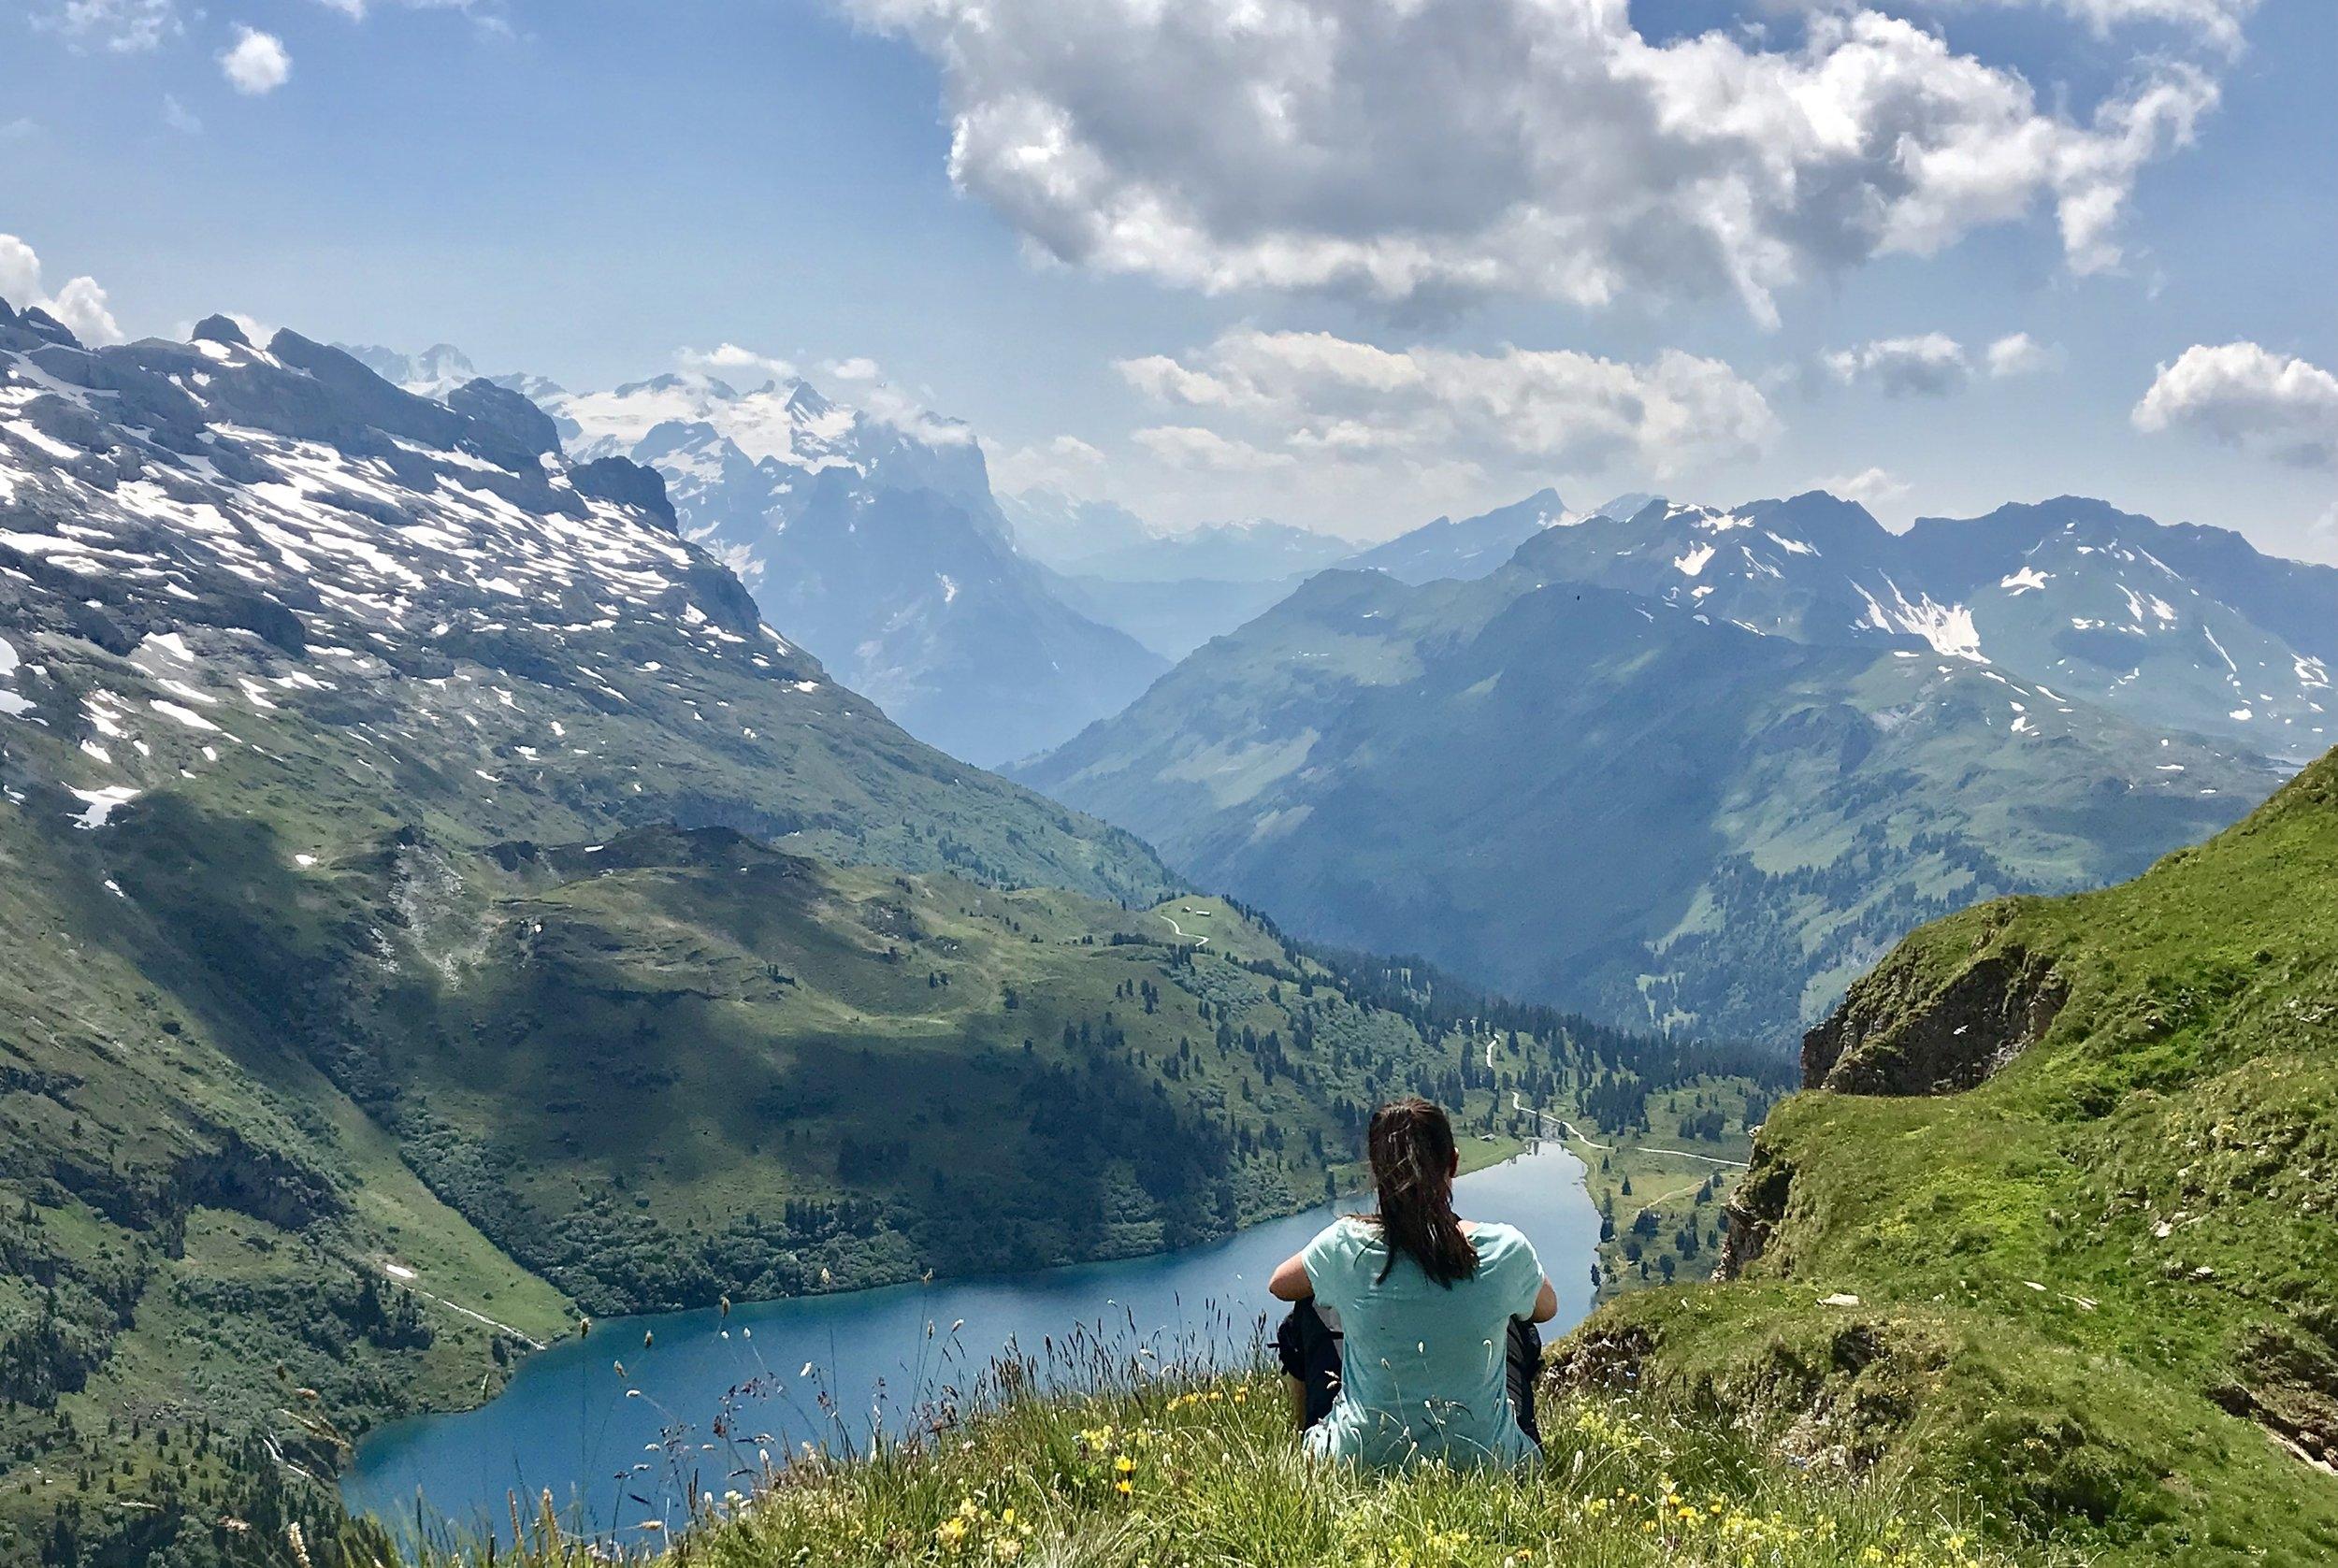 Achtsamkeits-Wanderung - Deep - 20. Juli 2019